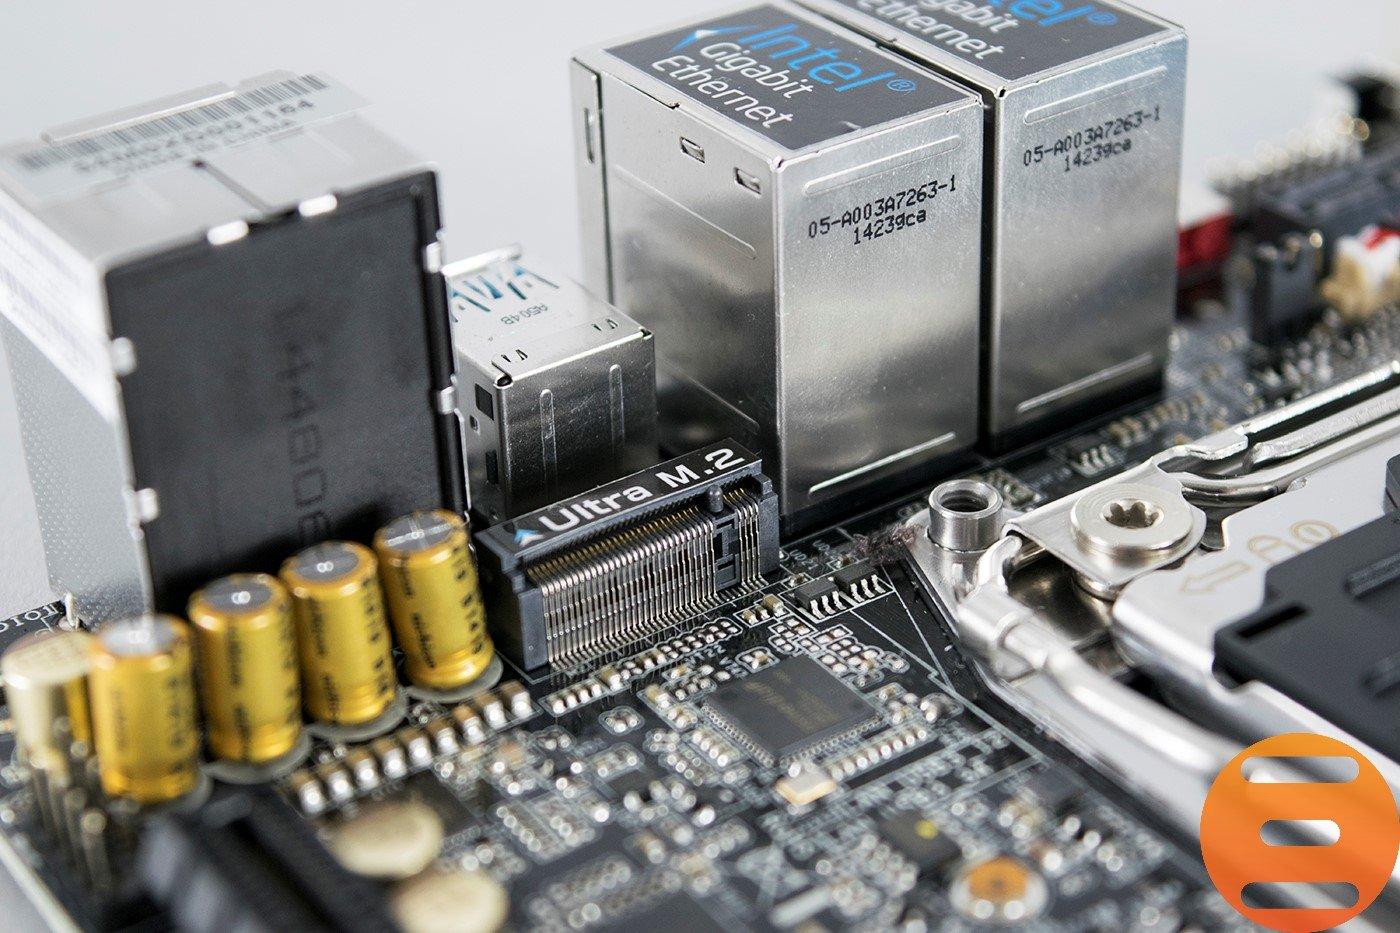 ASRock X99E-ITX 6